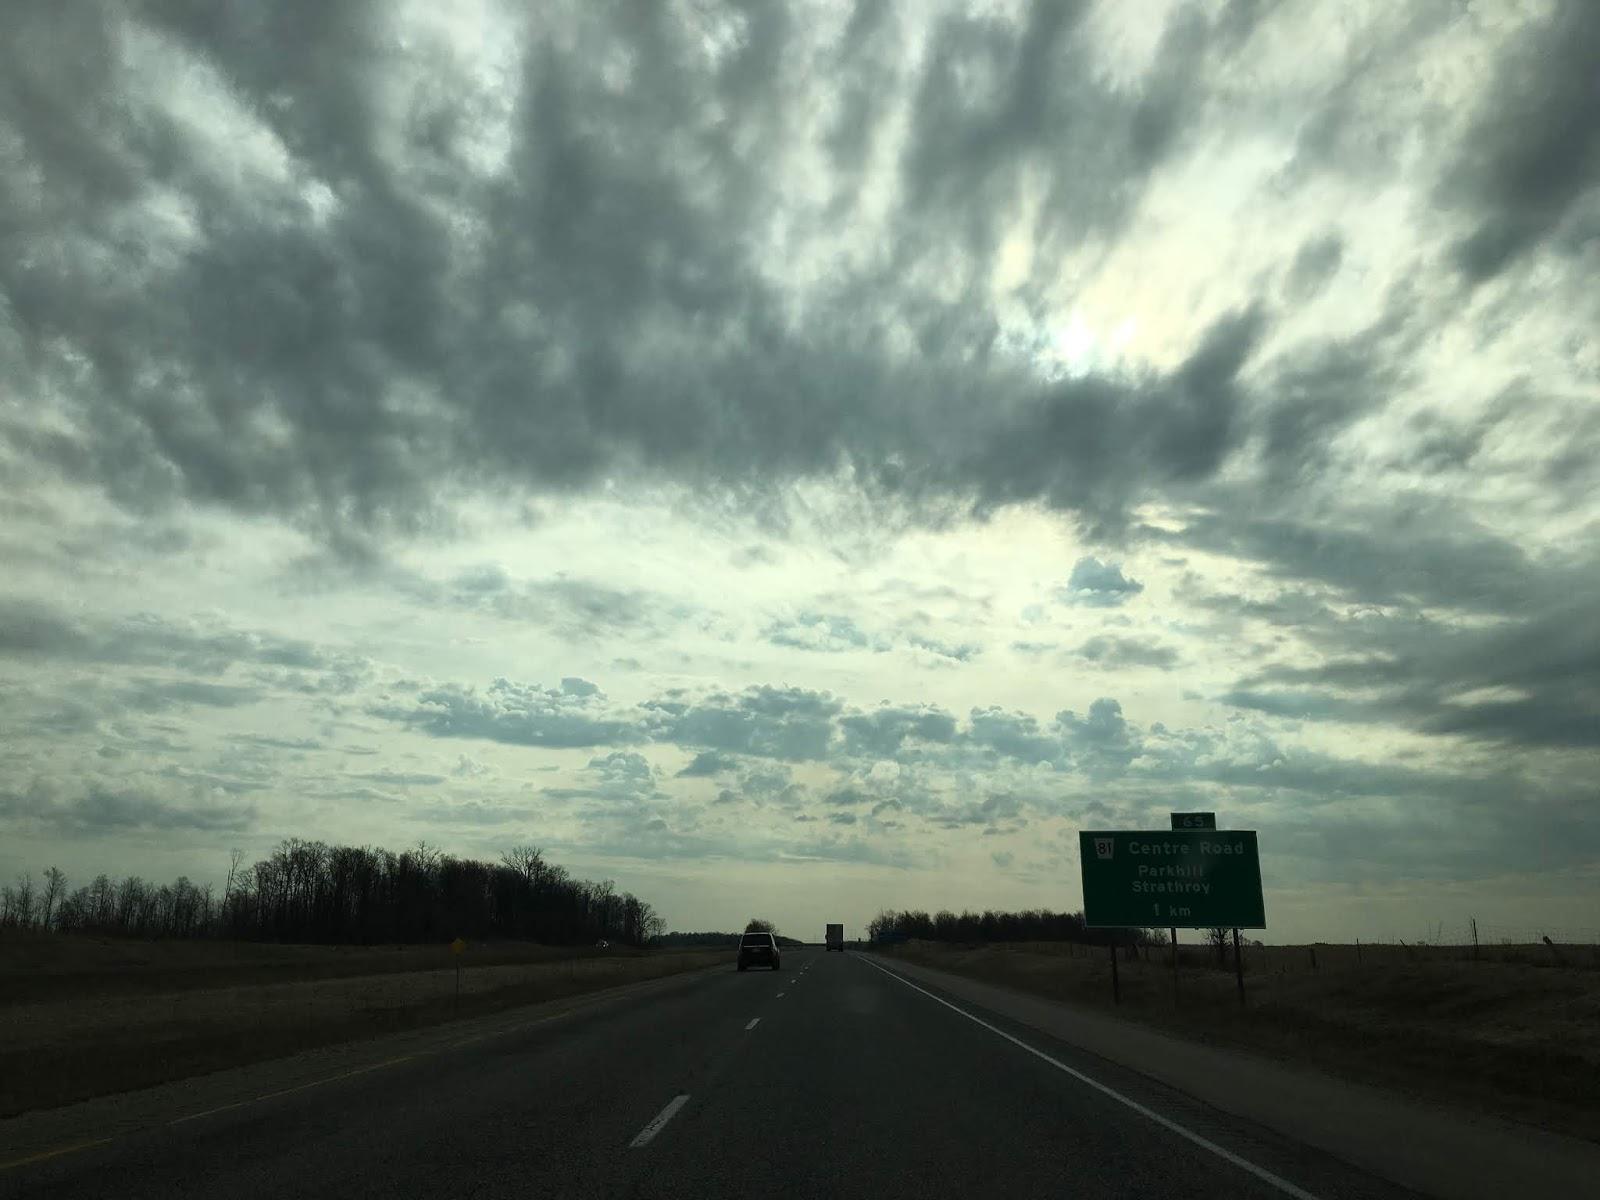 King's Highway 402